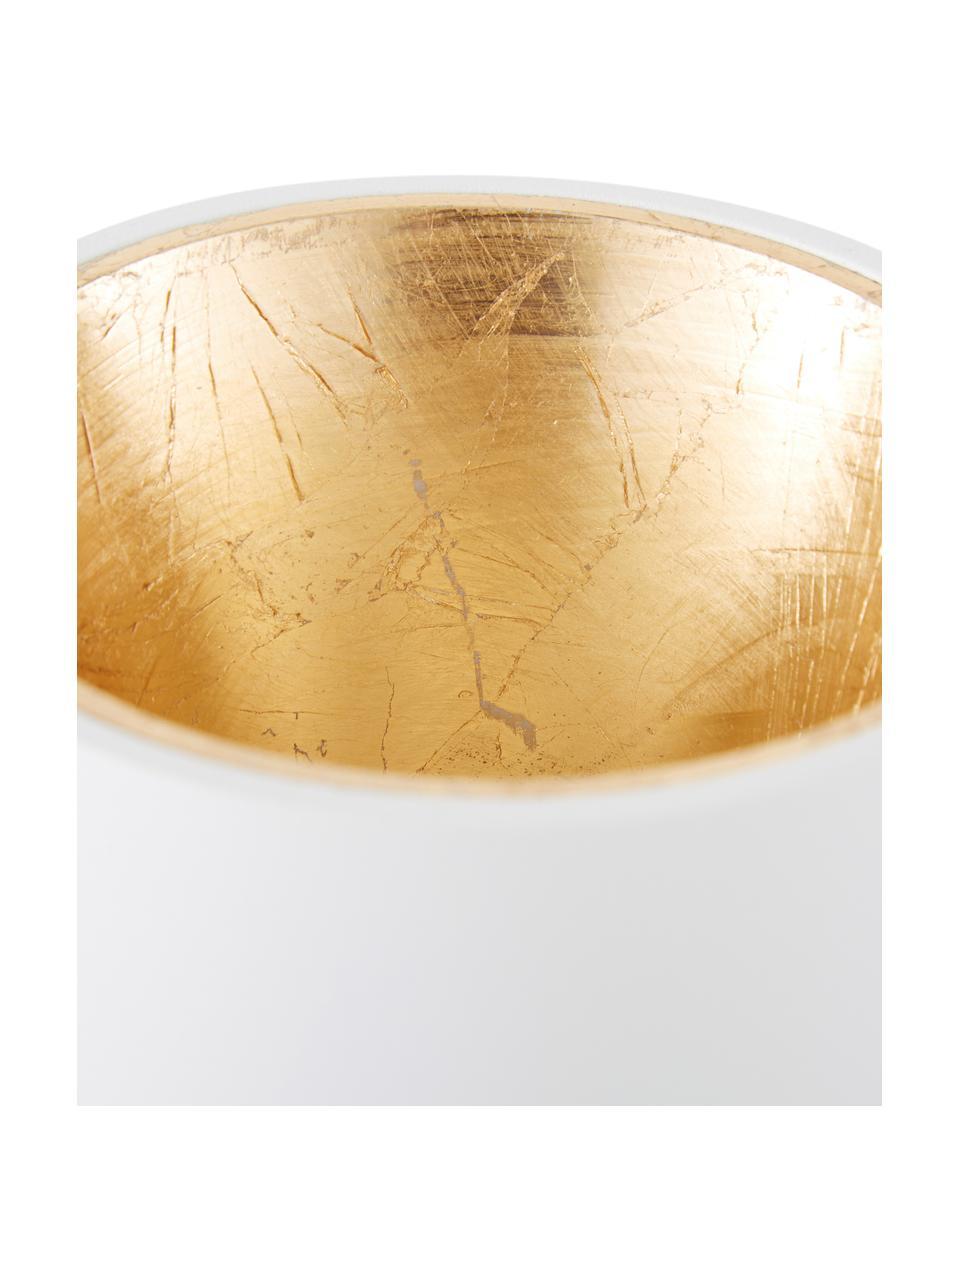 LED-Deckenspot Marty in Weiß-Gold mit Antik-Finish, Weiß, Goldfarben, Ø 10 x H 12 cm